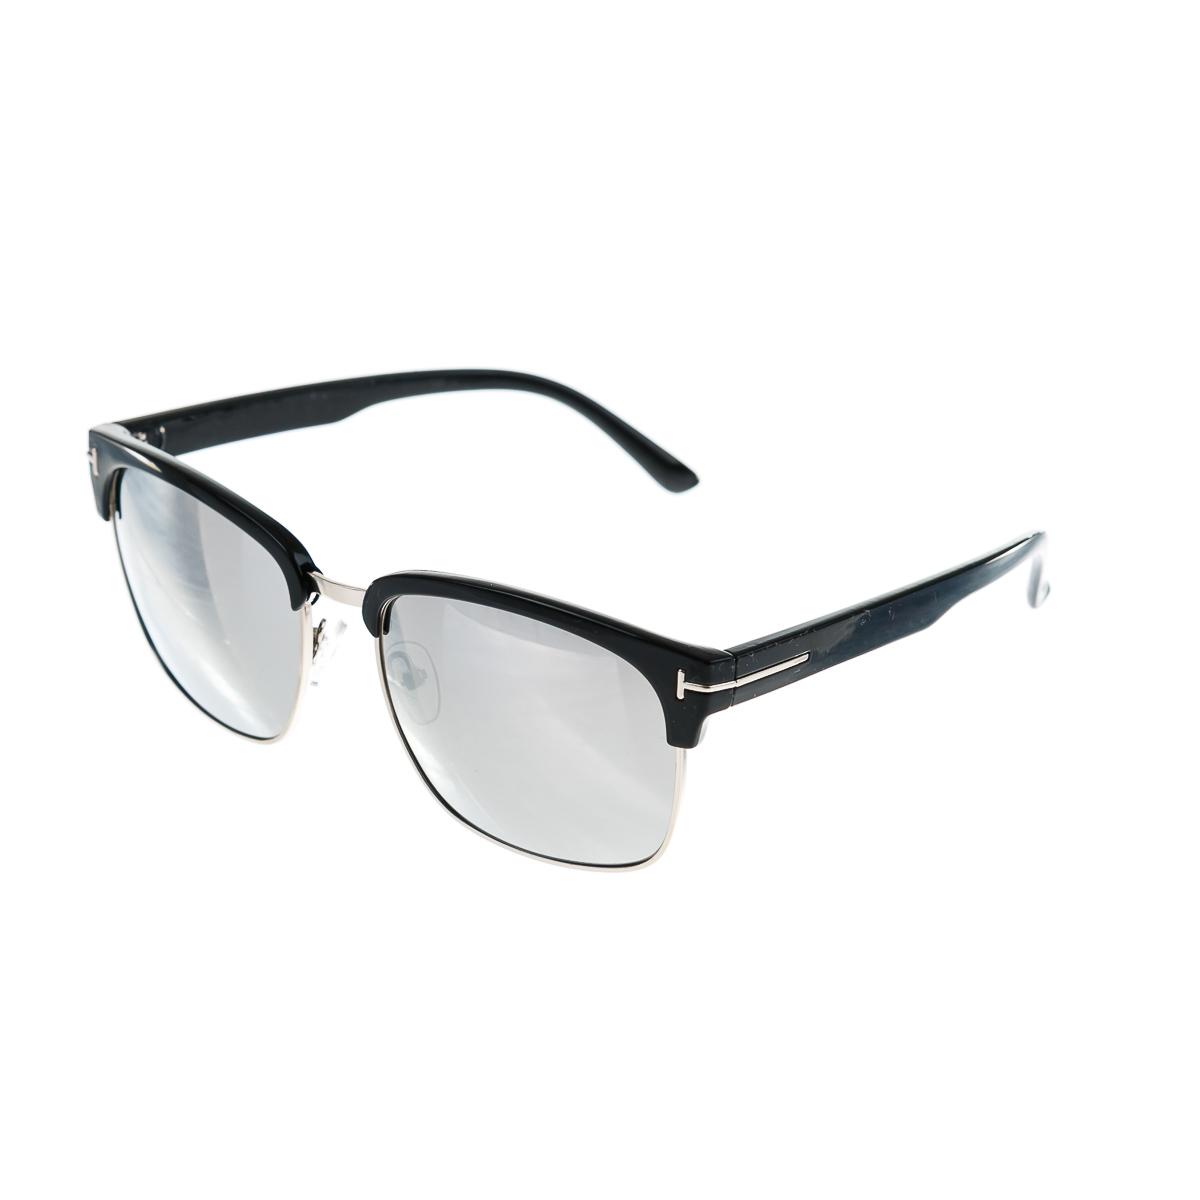 Очки в серебристой тонкой оправе с черными дужками с темным и прозрачным стеклом